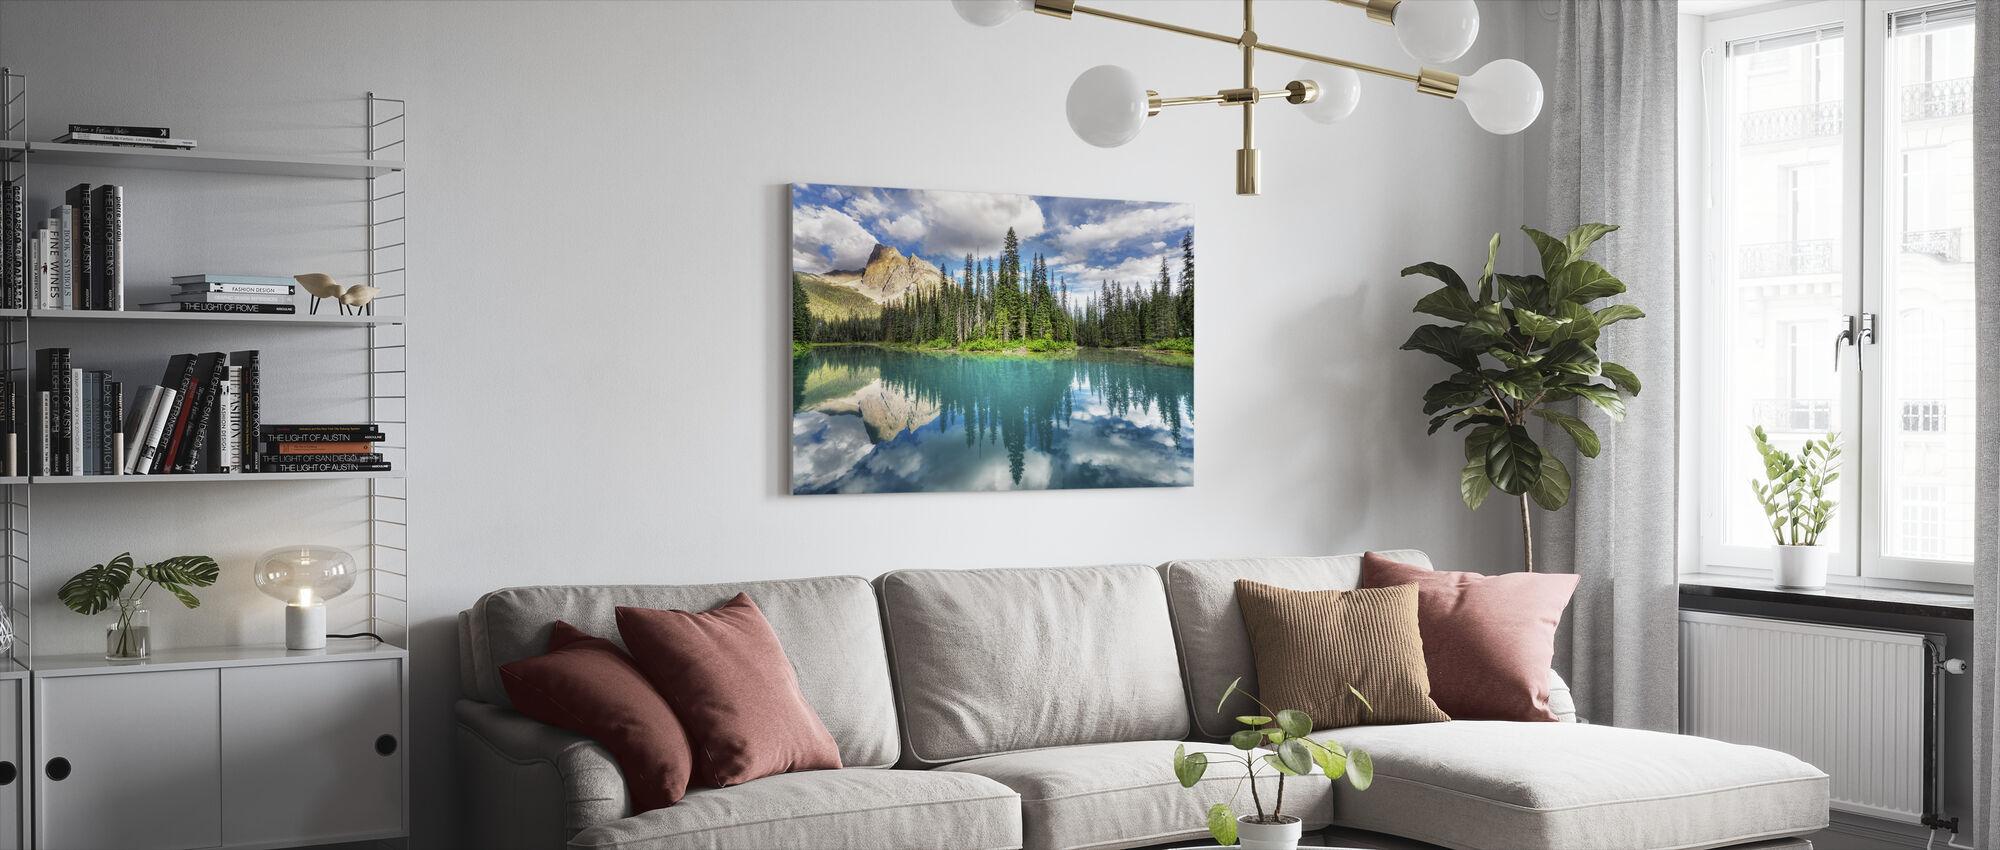 Emerald - Canvas print - Living Room